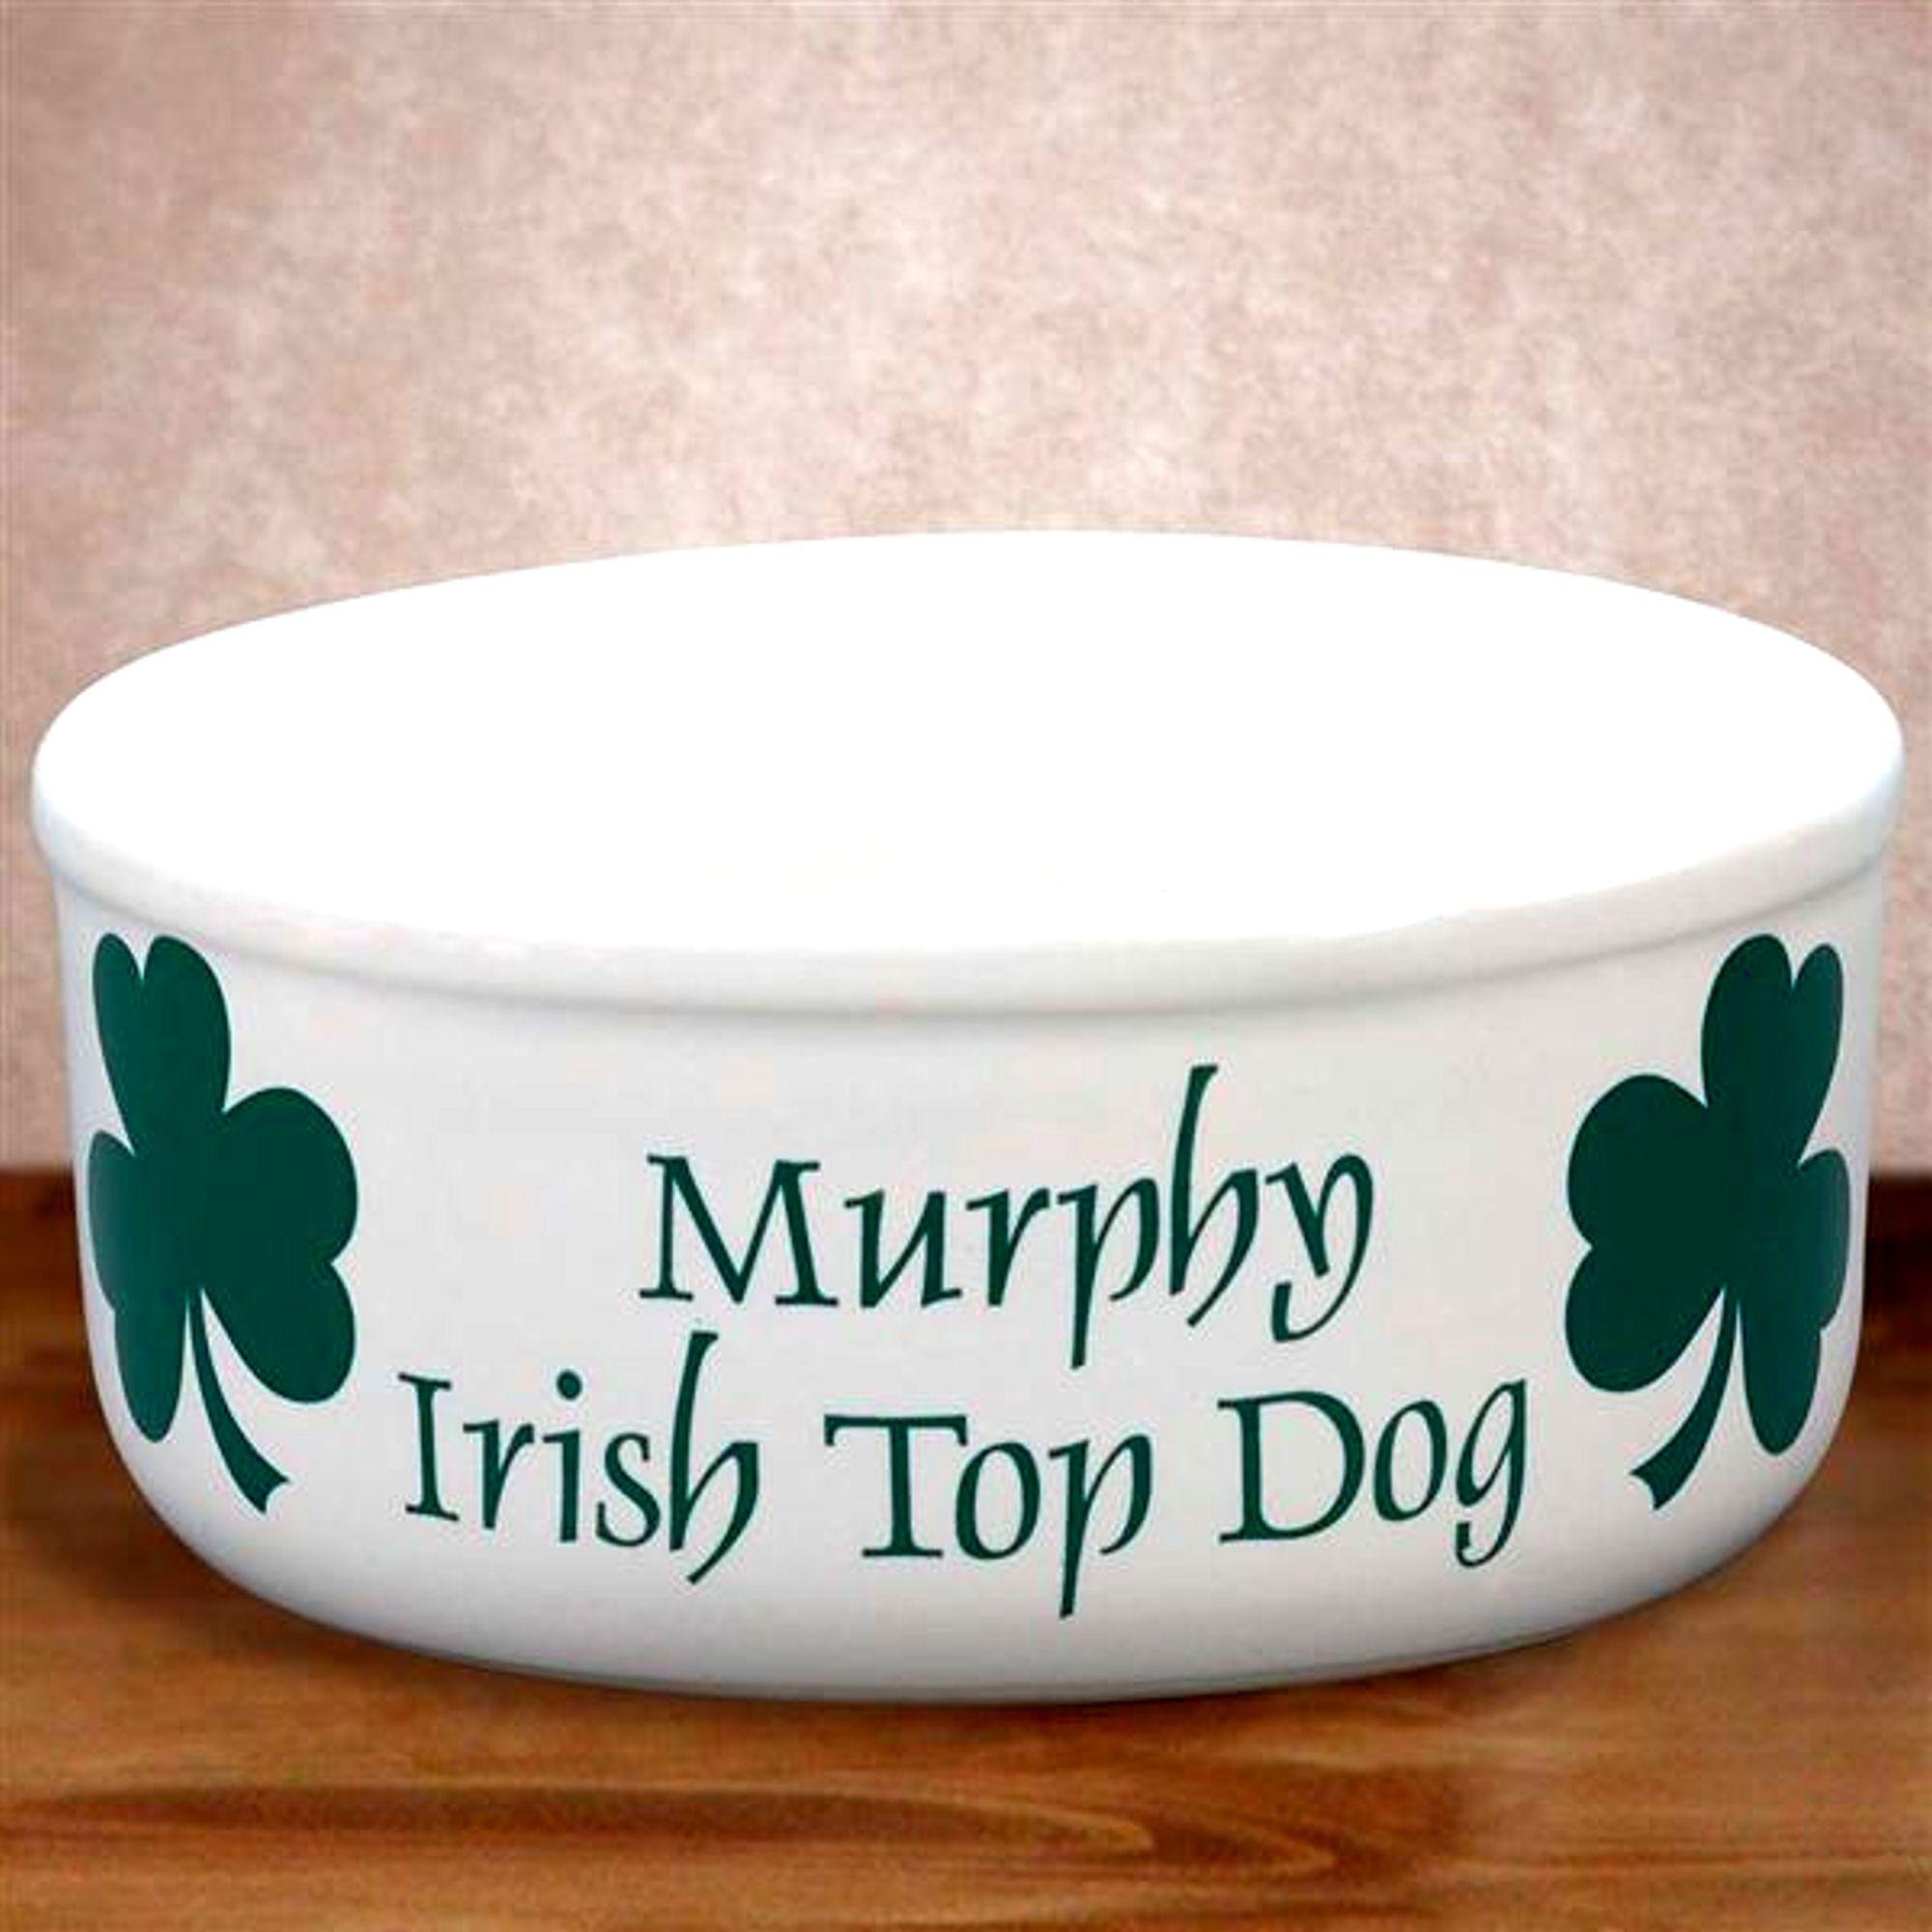 Personalized irish dog bowl irish baby gifts more pinterest personalized irish dog bowl pet giftsbaby negle Gallery